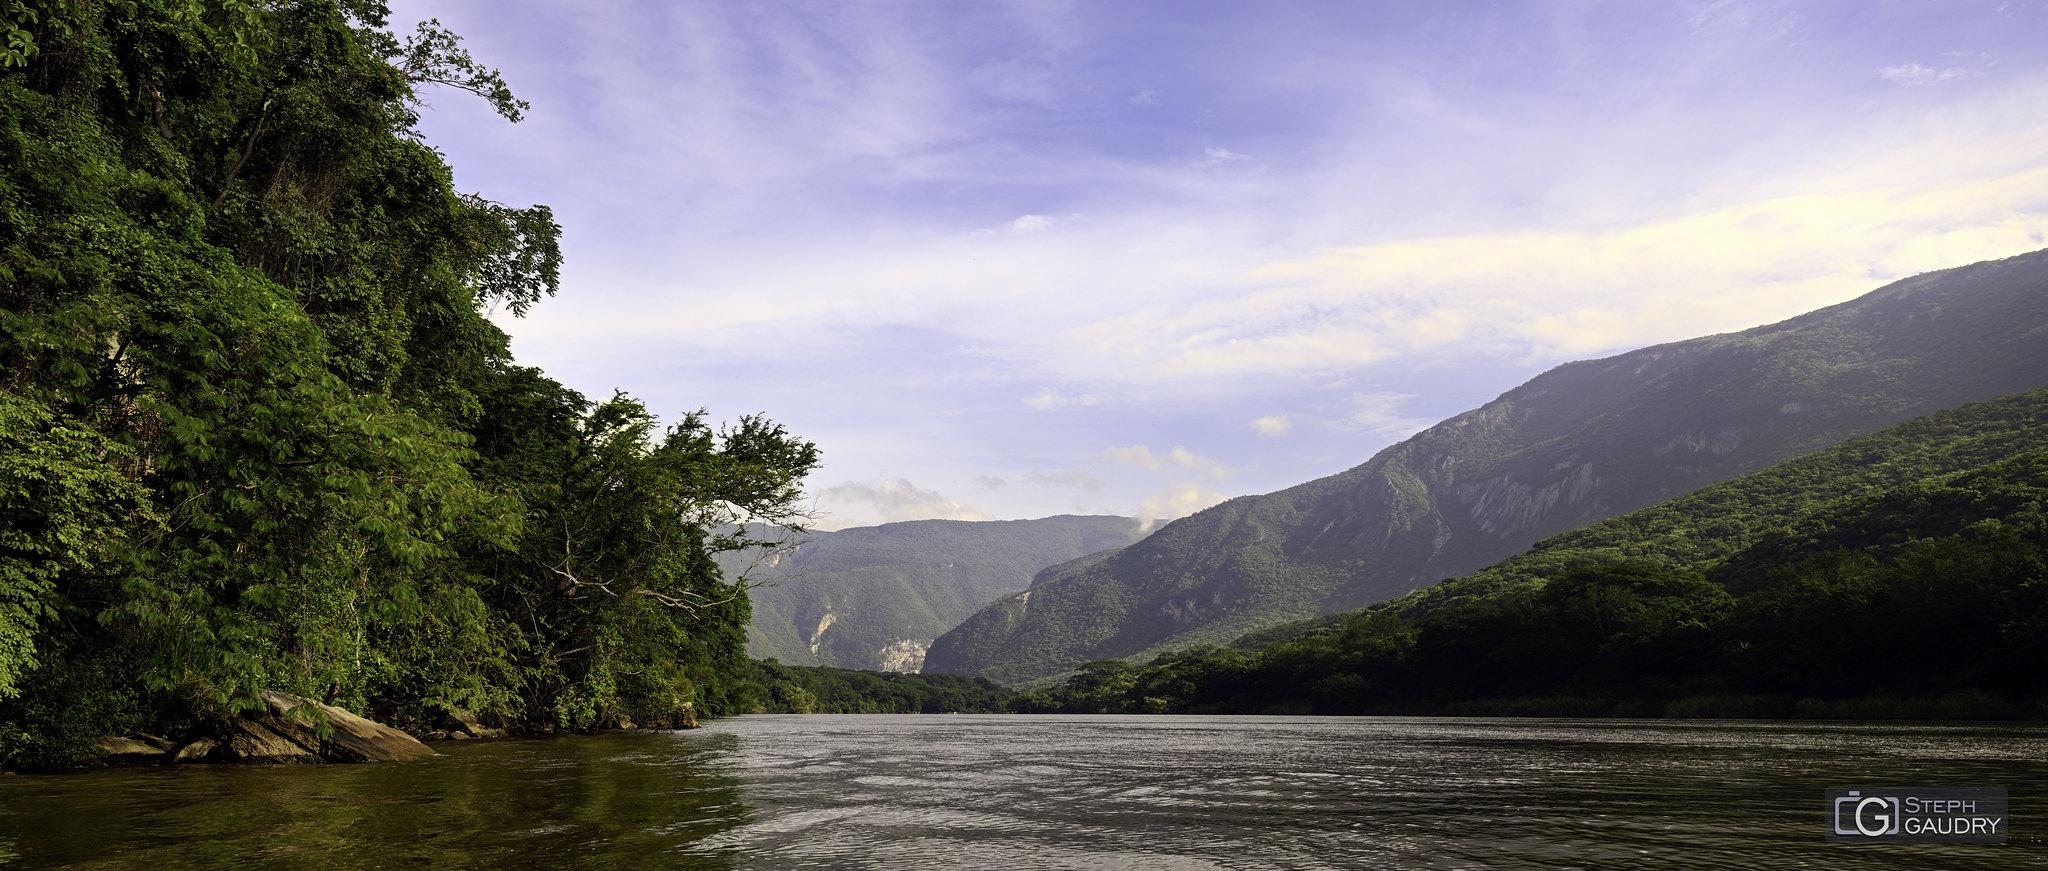 Les rives du Rio Grijalva (MEX) [Click to start slideshow]